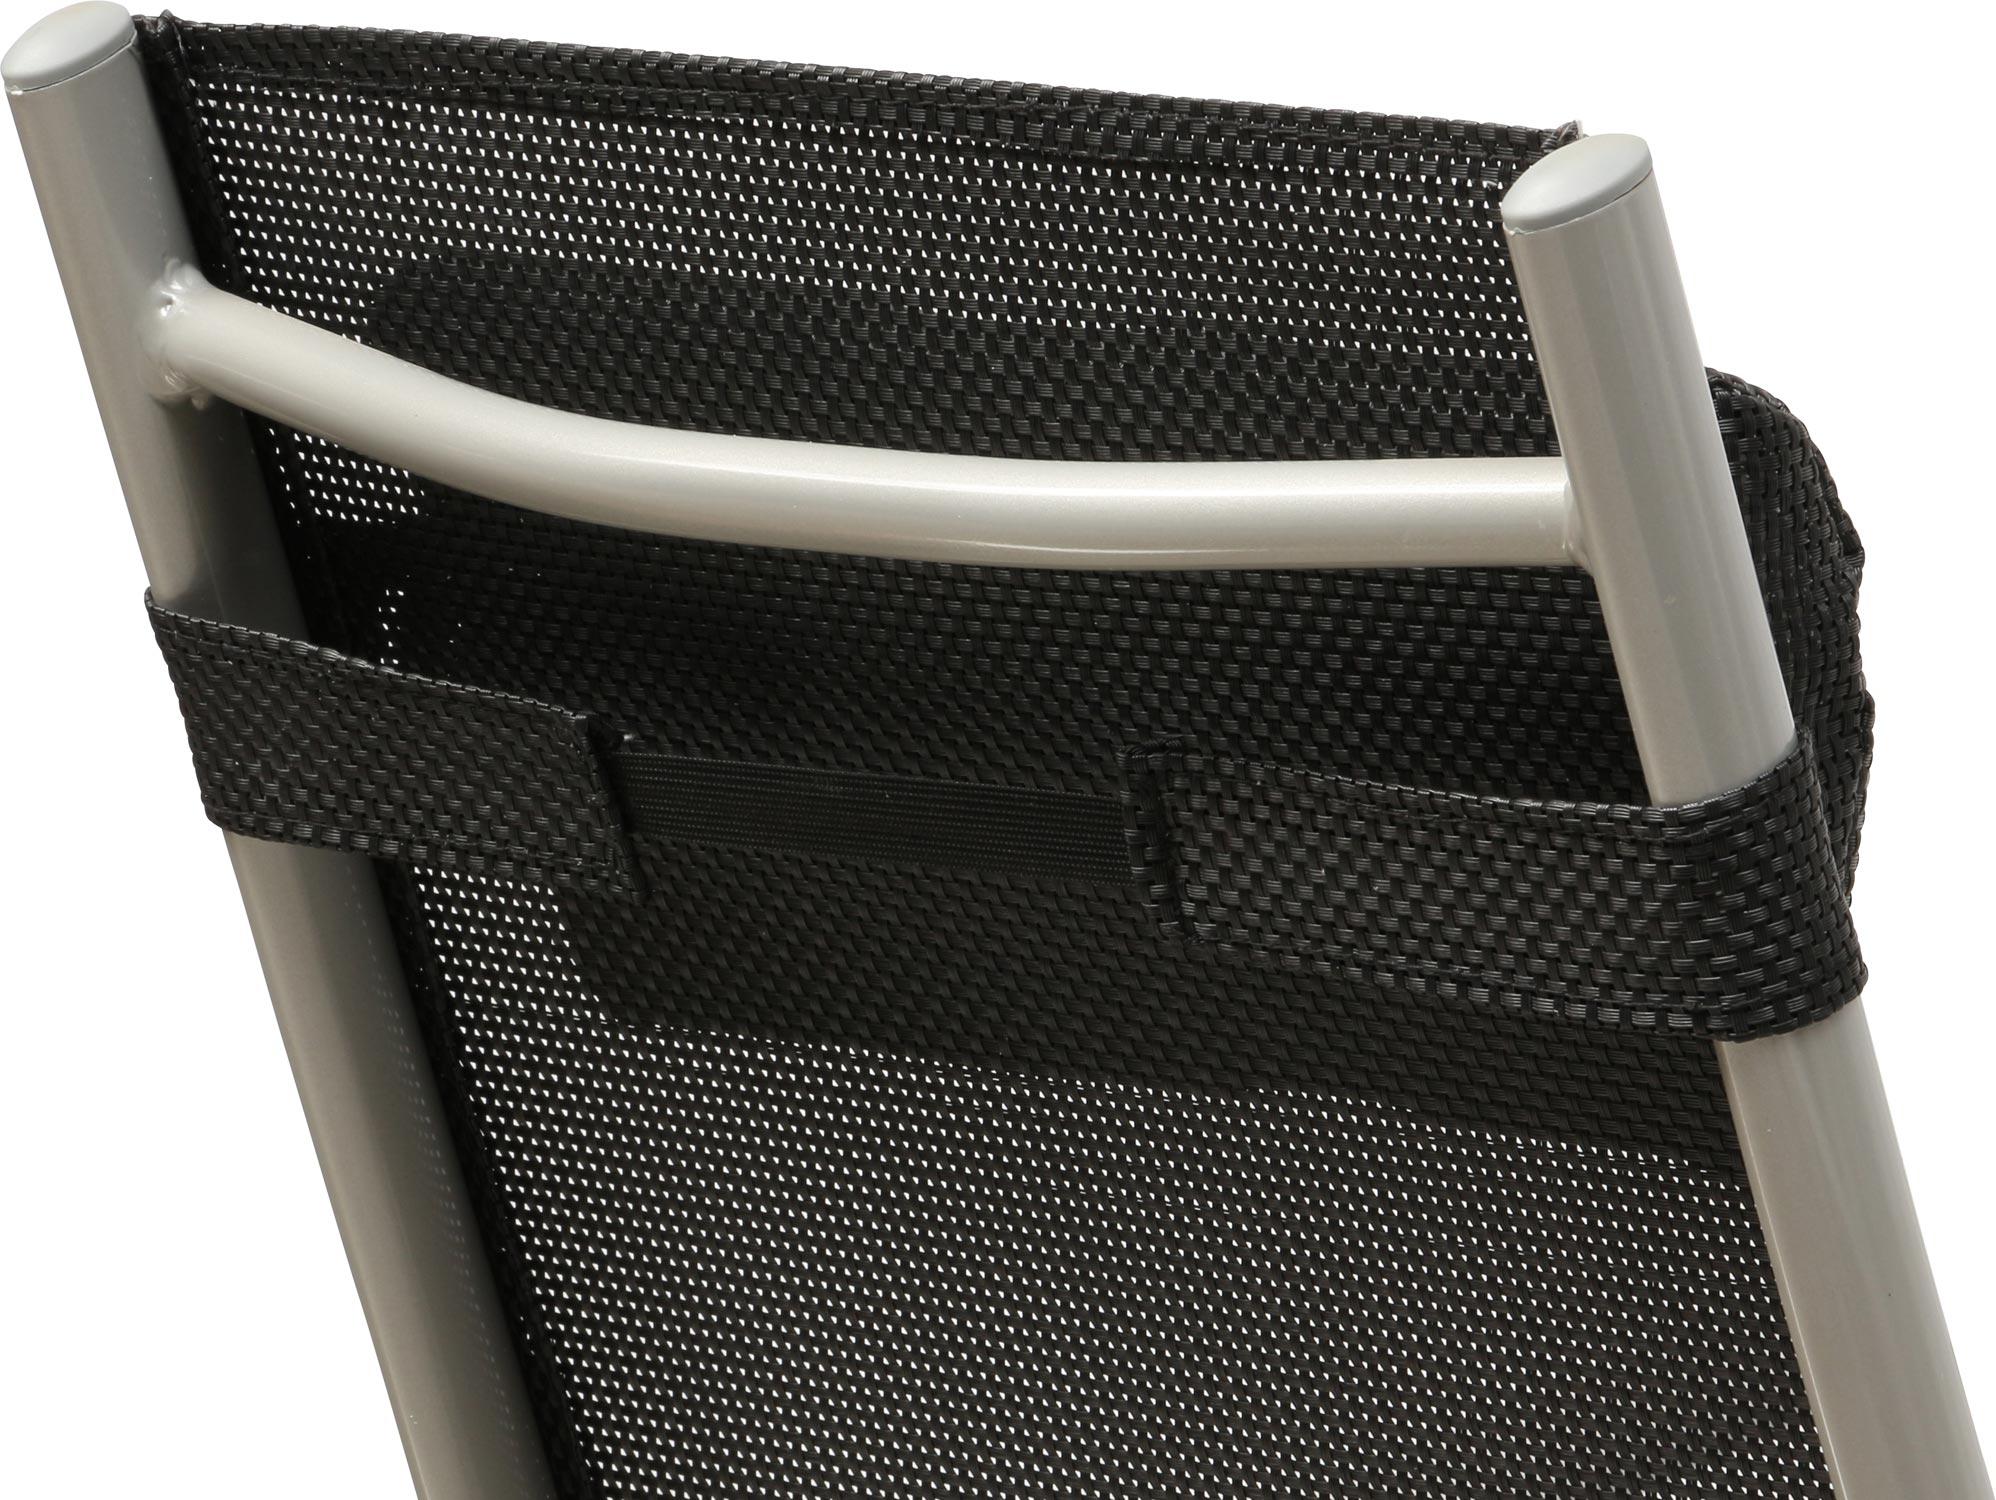 Gartenmobel Von Hagebaumarkt : Solide Verarbeitung  Rückenlehne extra verstärkt  Das Textilen ist